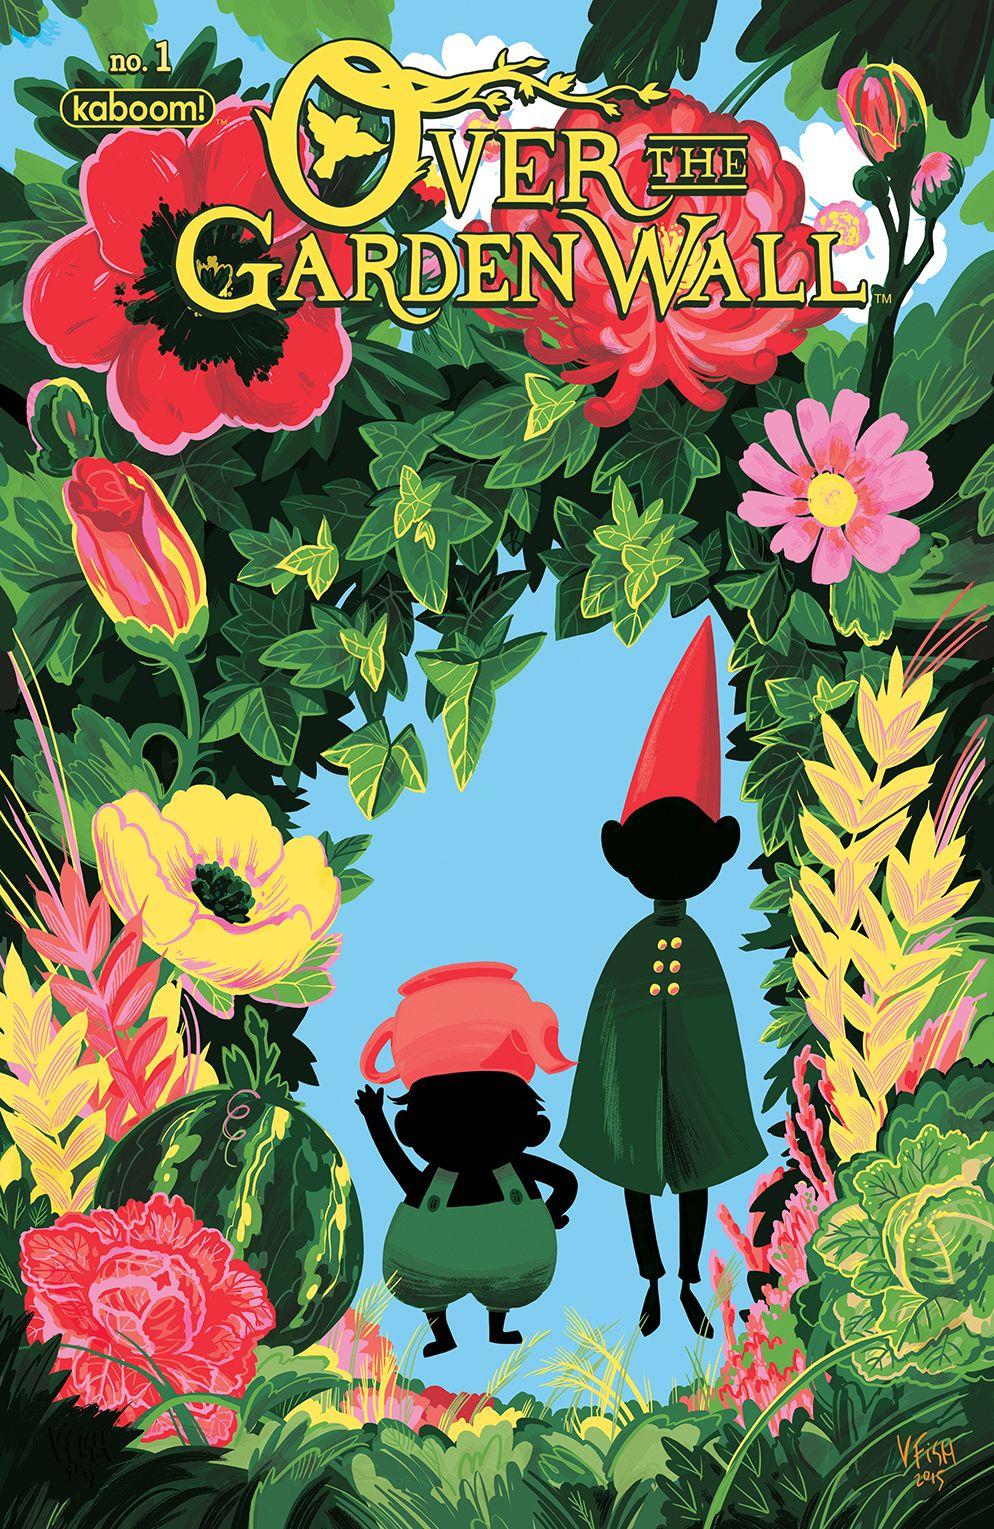 Comic book preview over the garden wall over the garden wall